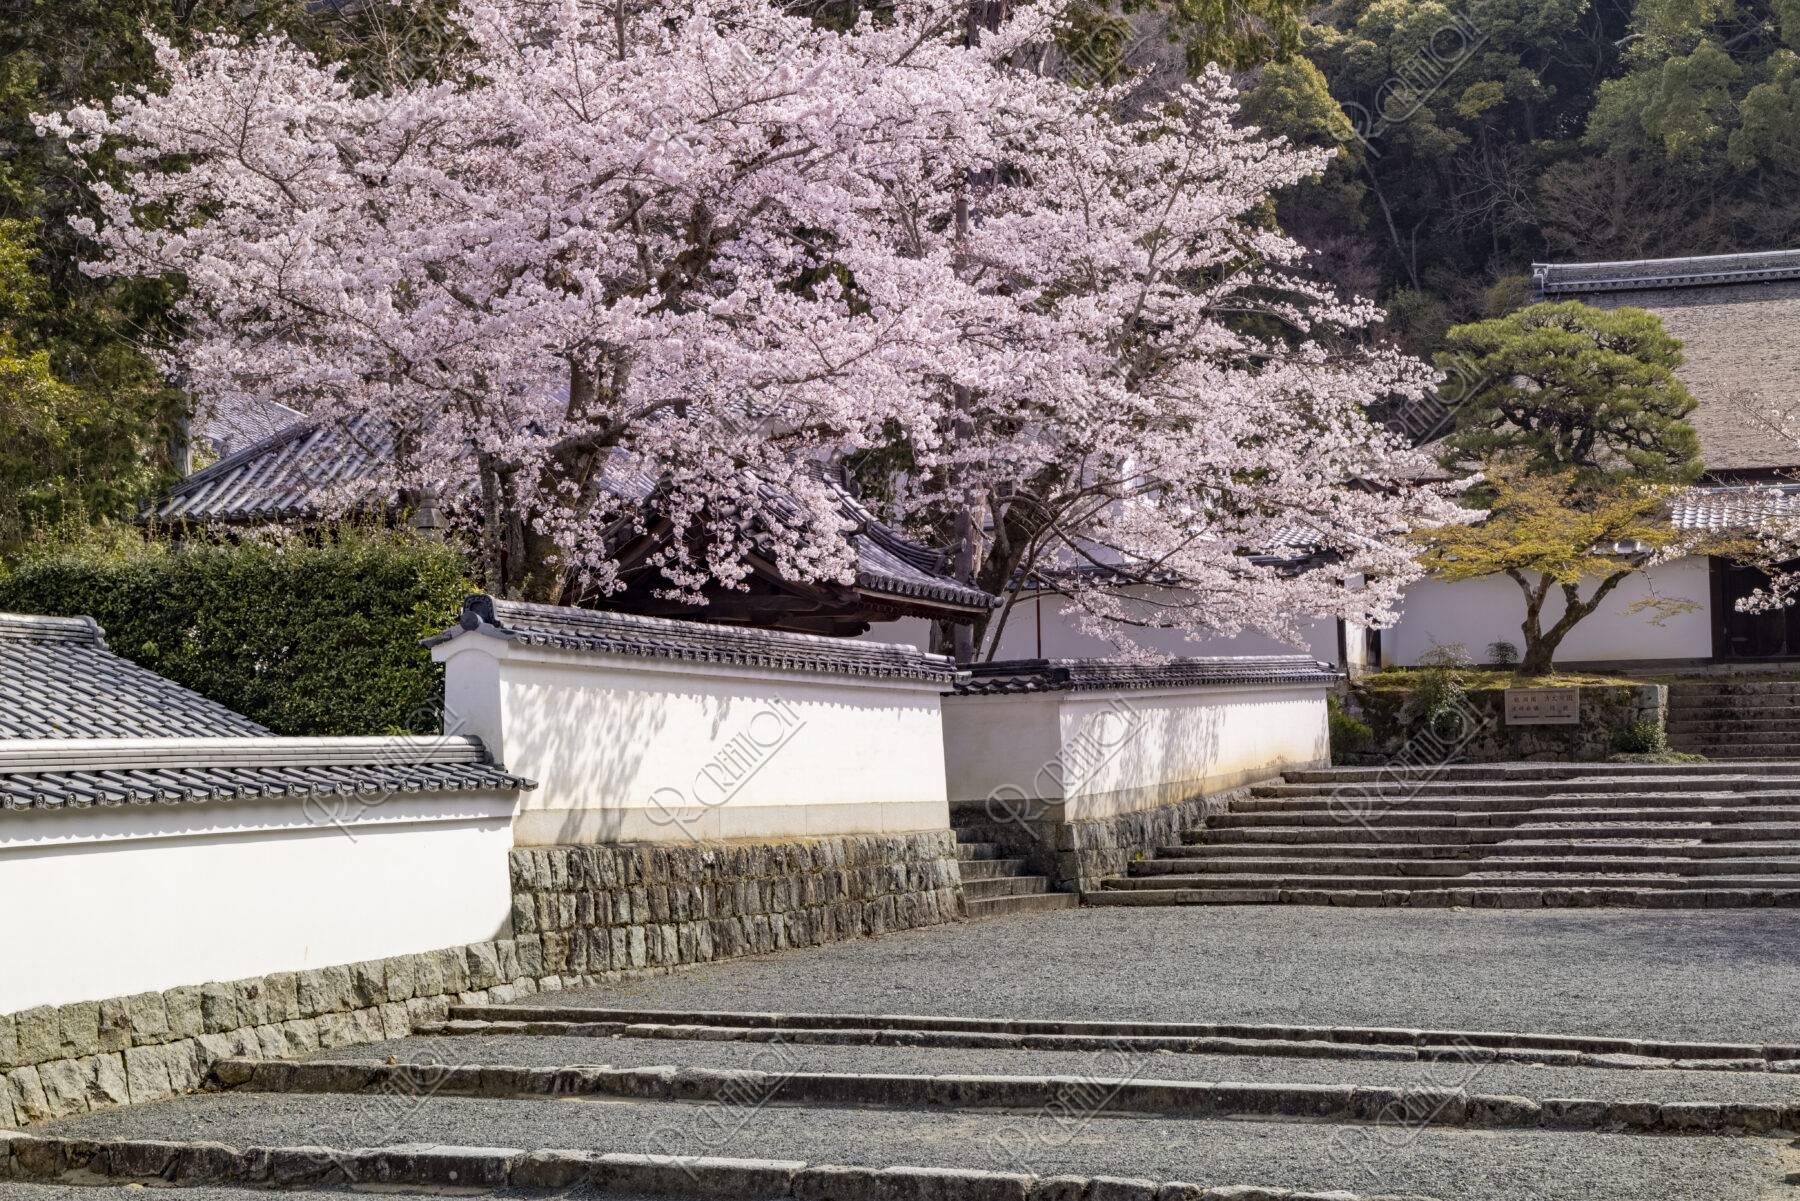 南禅寺 桜と土塀